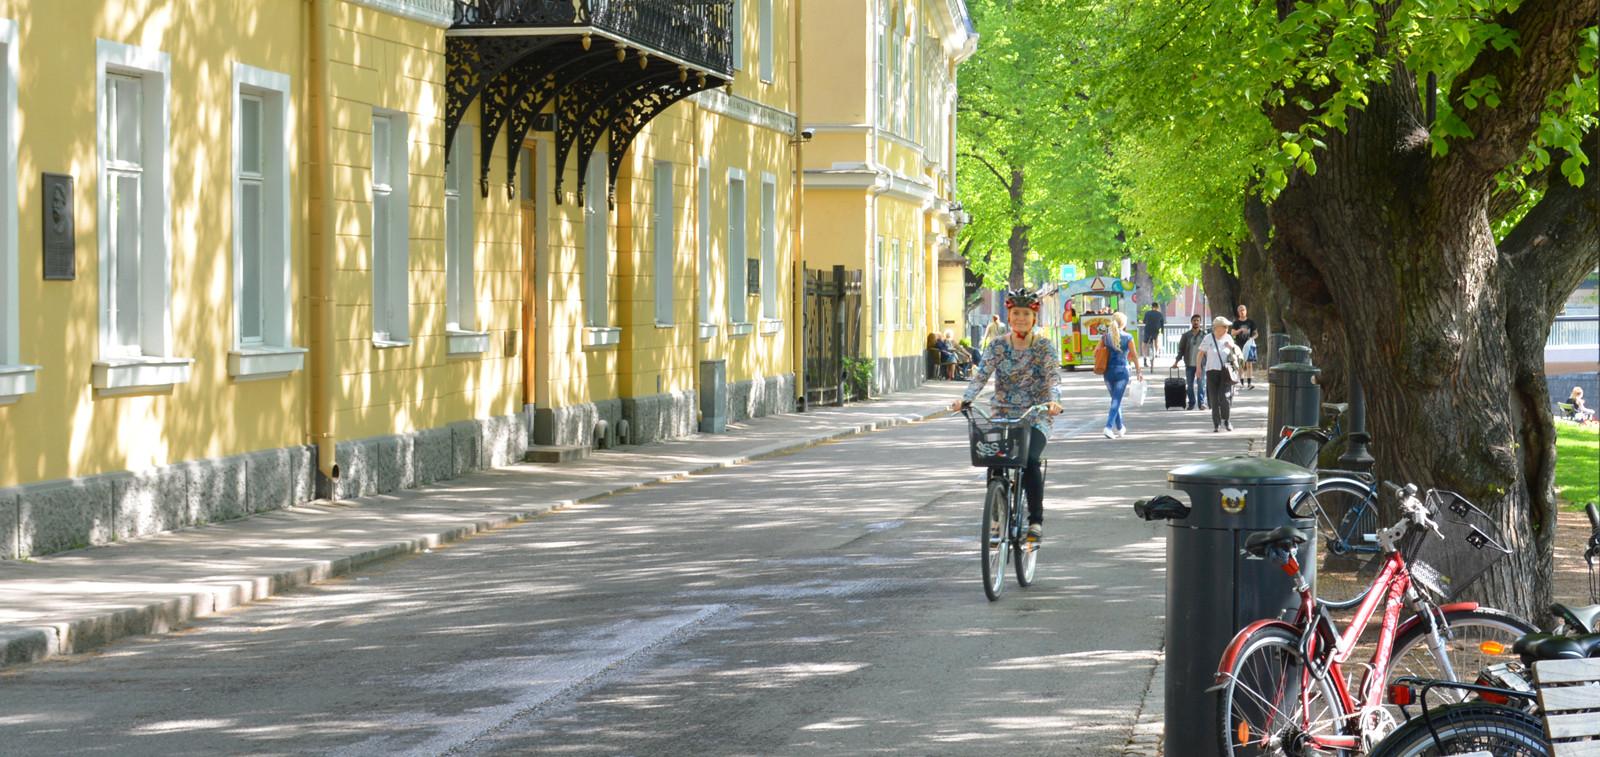 Pyöräilijä jokirannassa